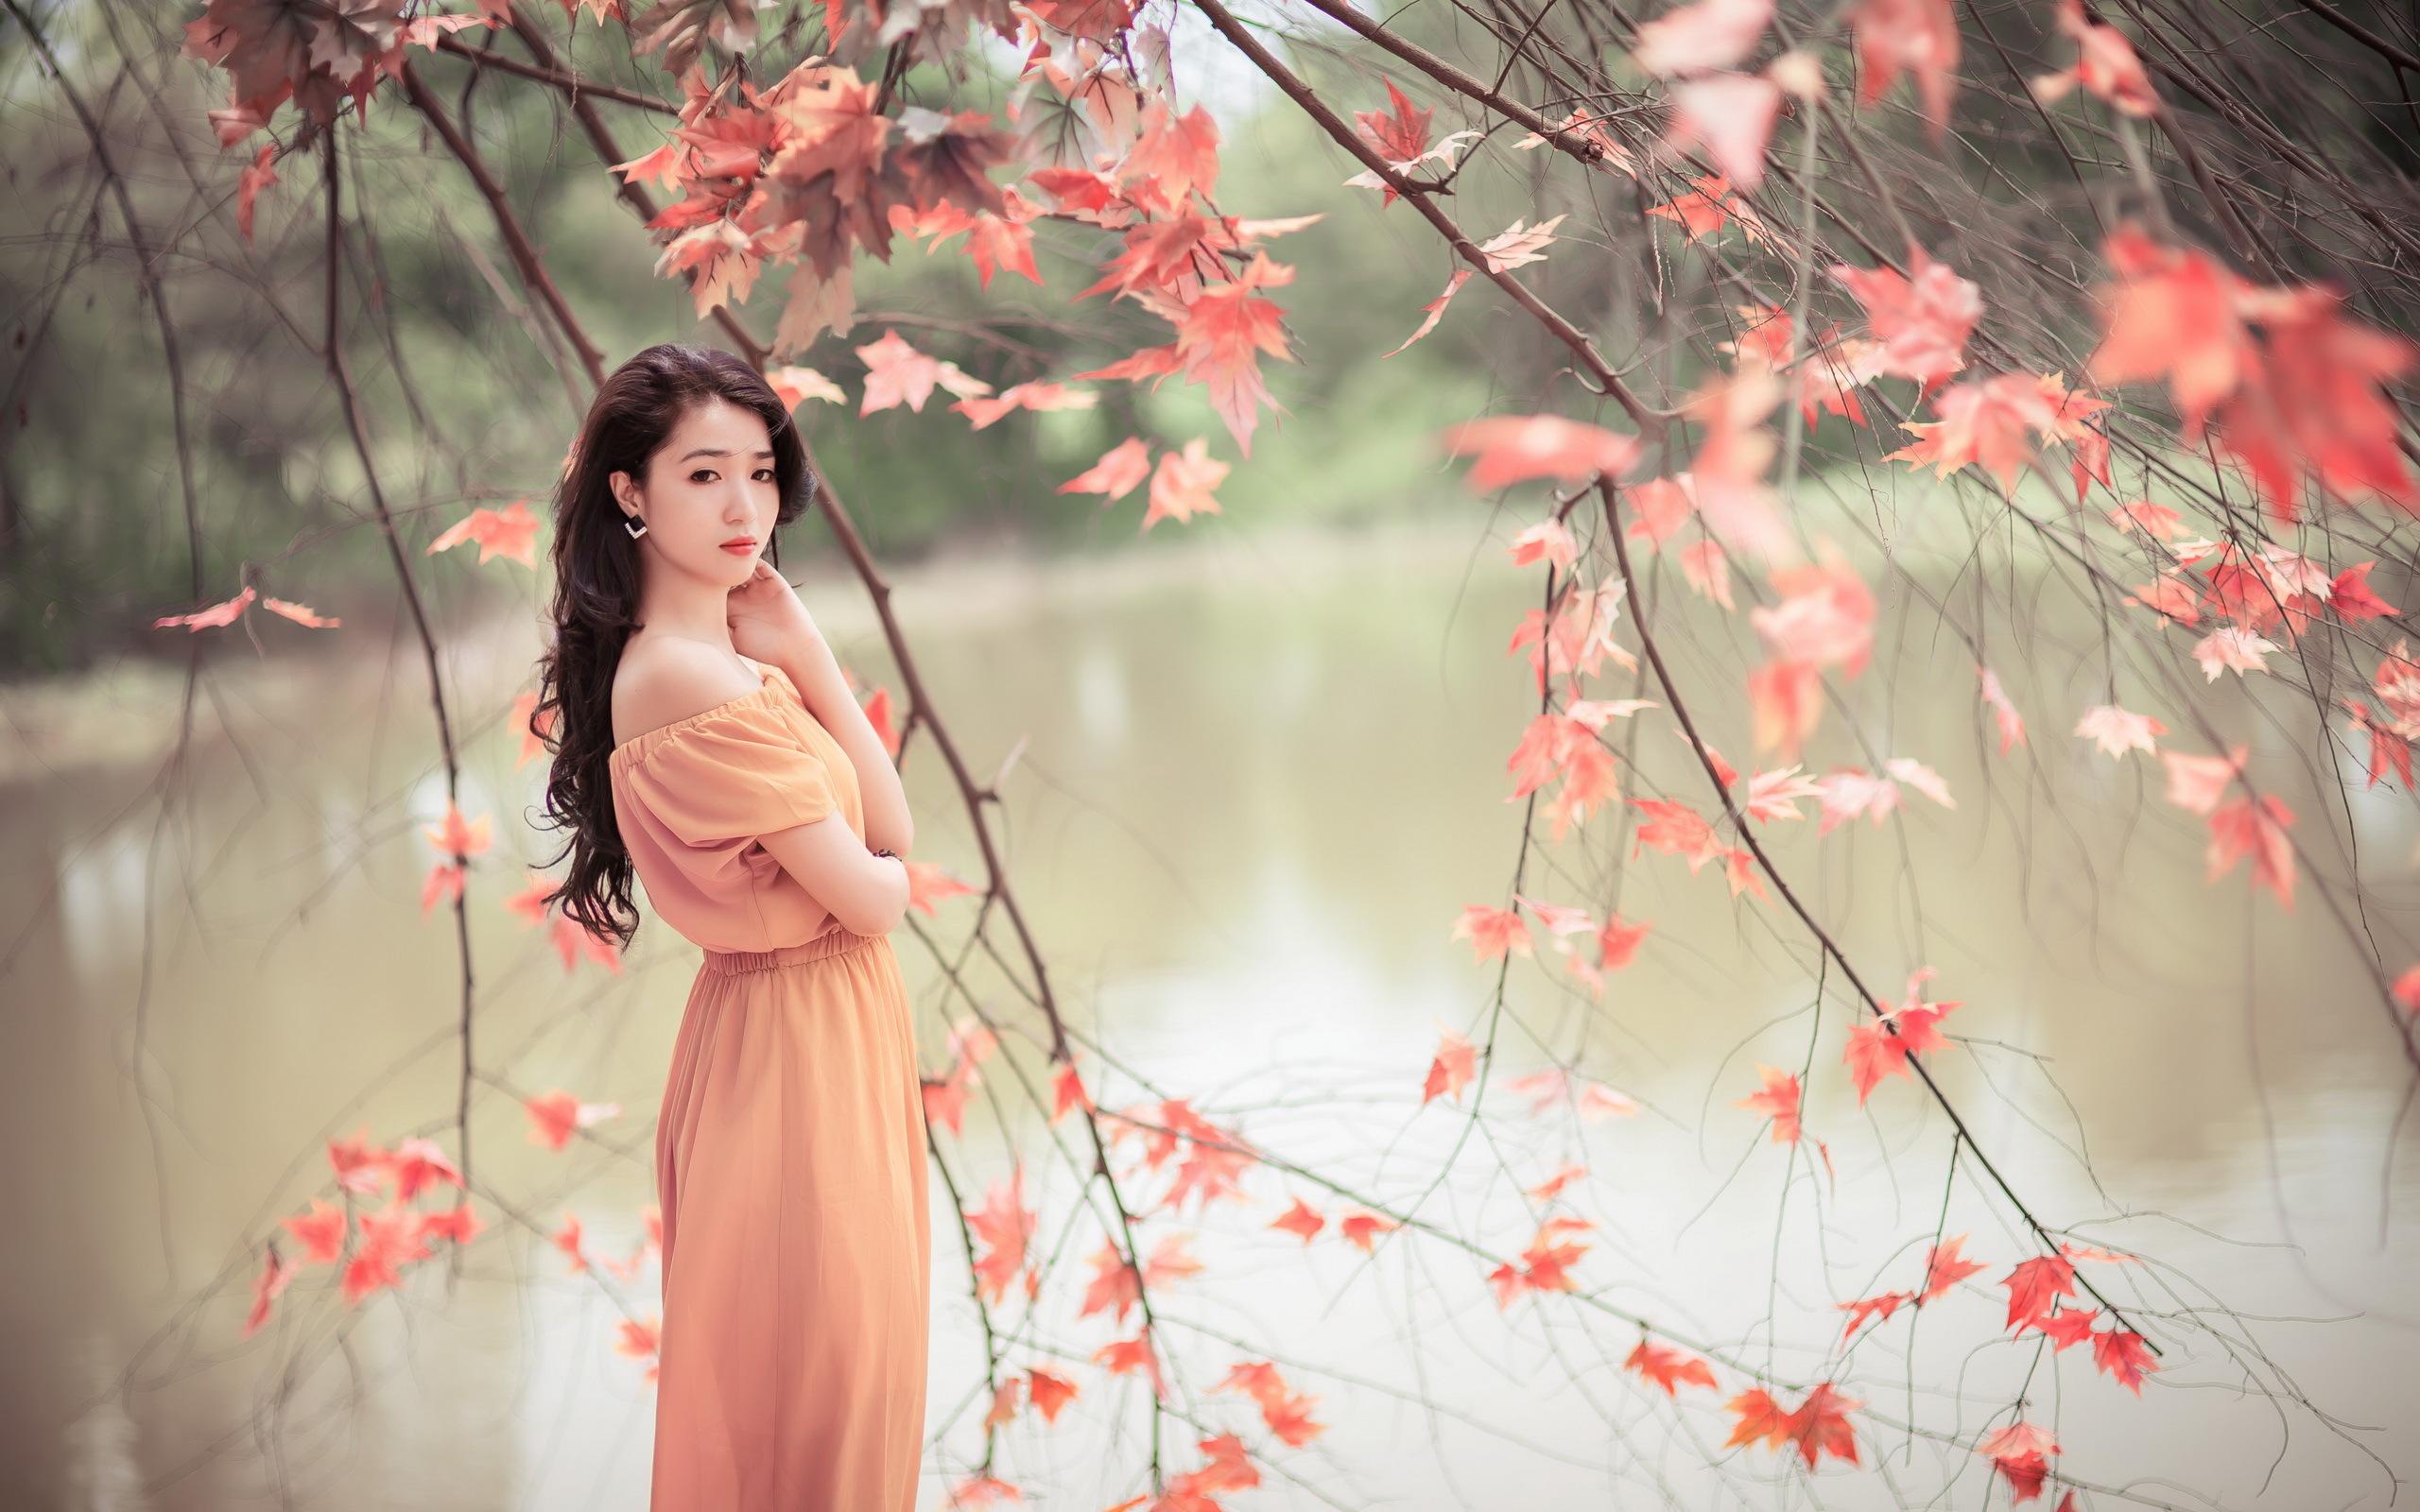 Красивая девушка на фоне красивого пейзажа, молодые девушки с огромными сиськами фото